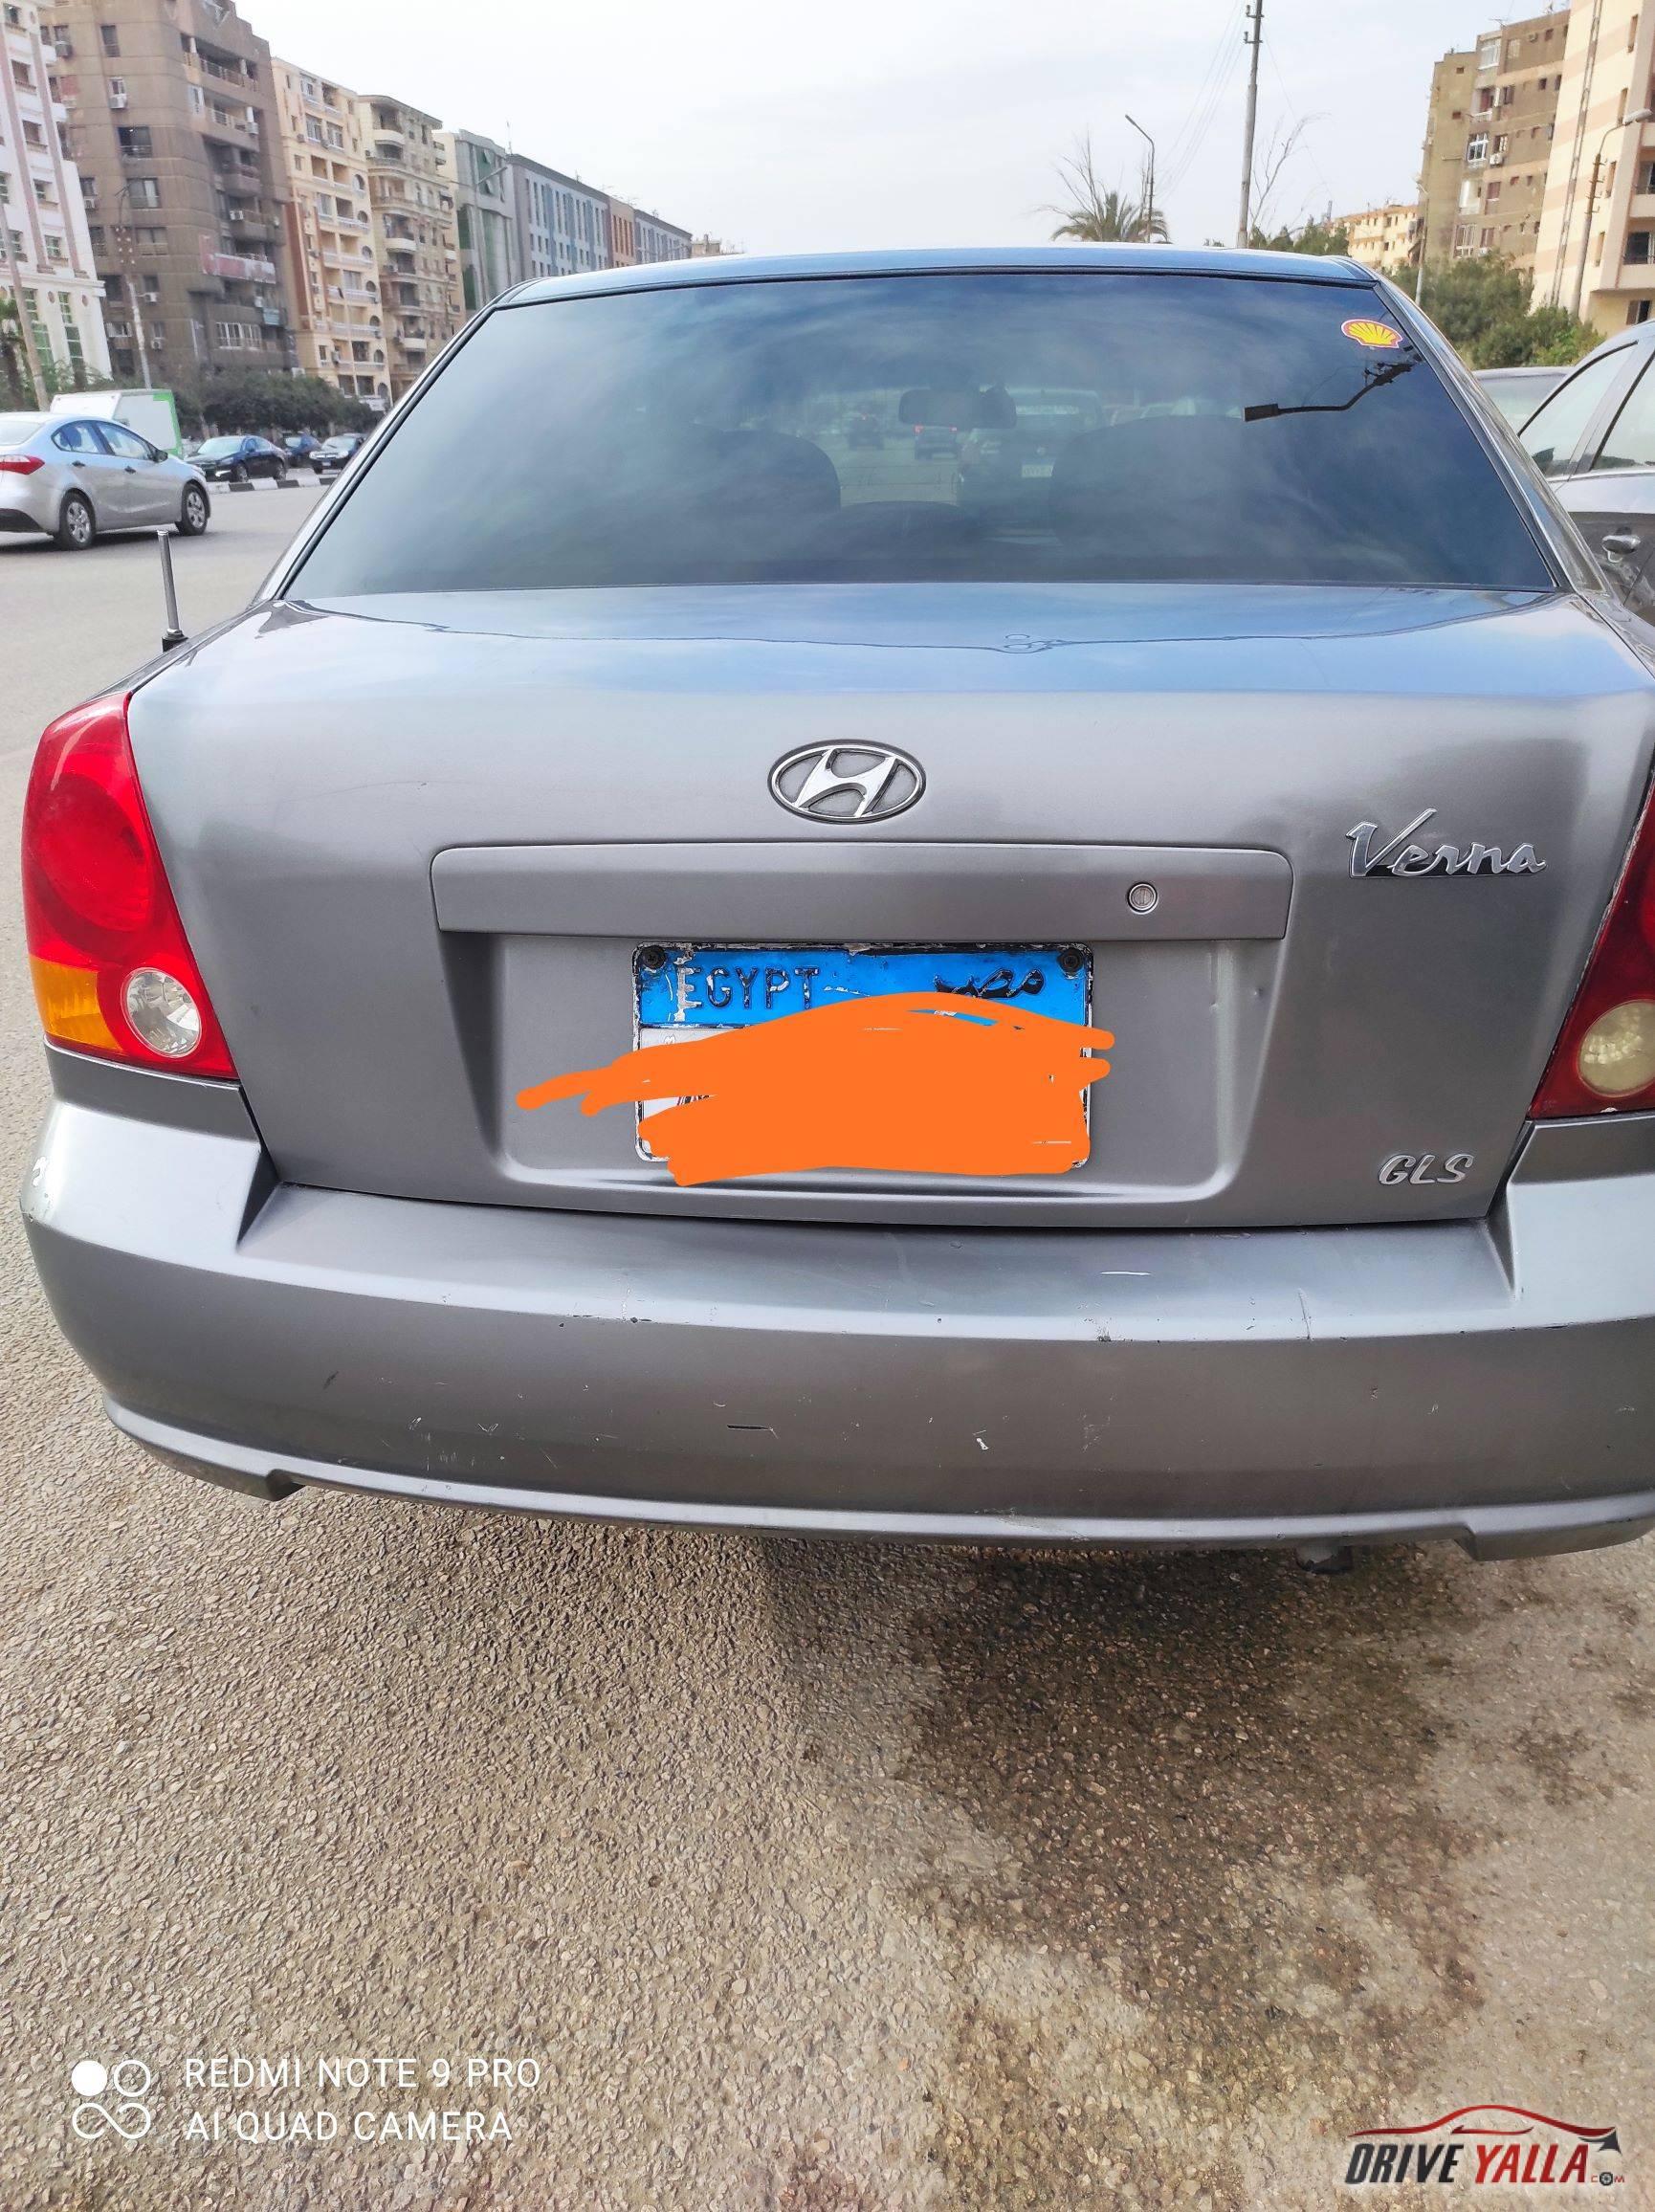 هيواندى  فيرنا  مستعملة للبيع فى مصر موديل 2015